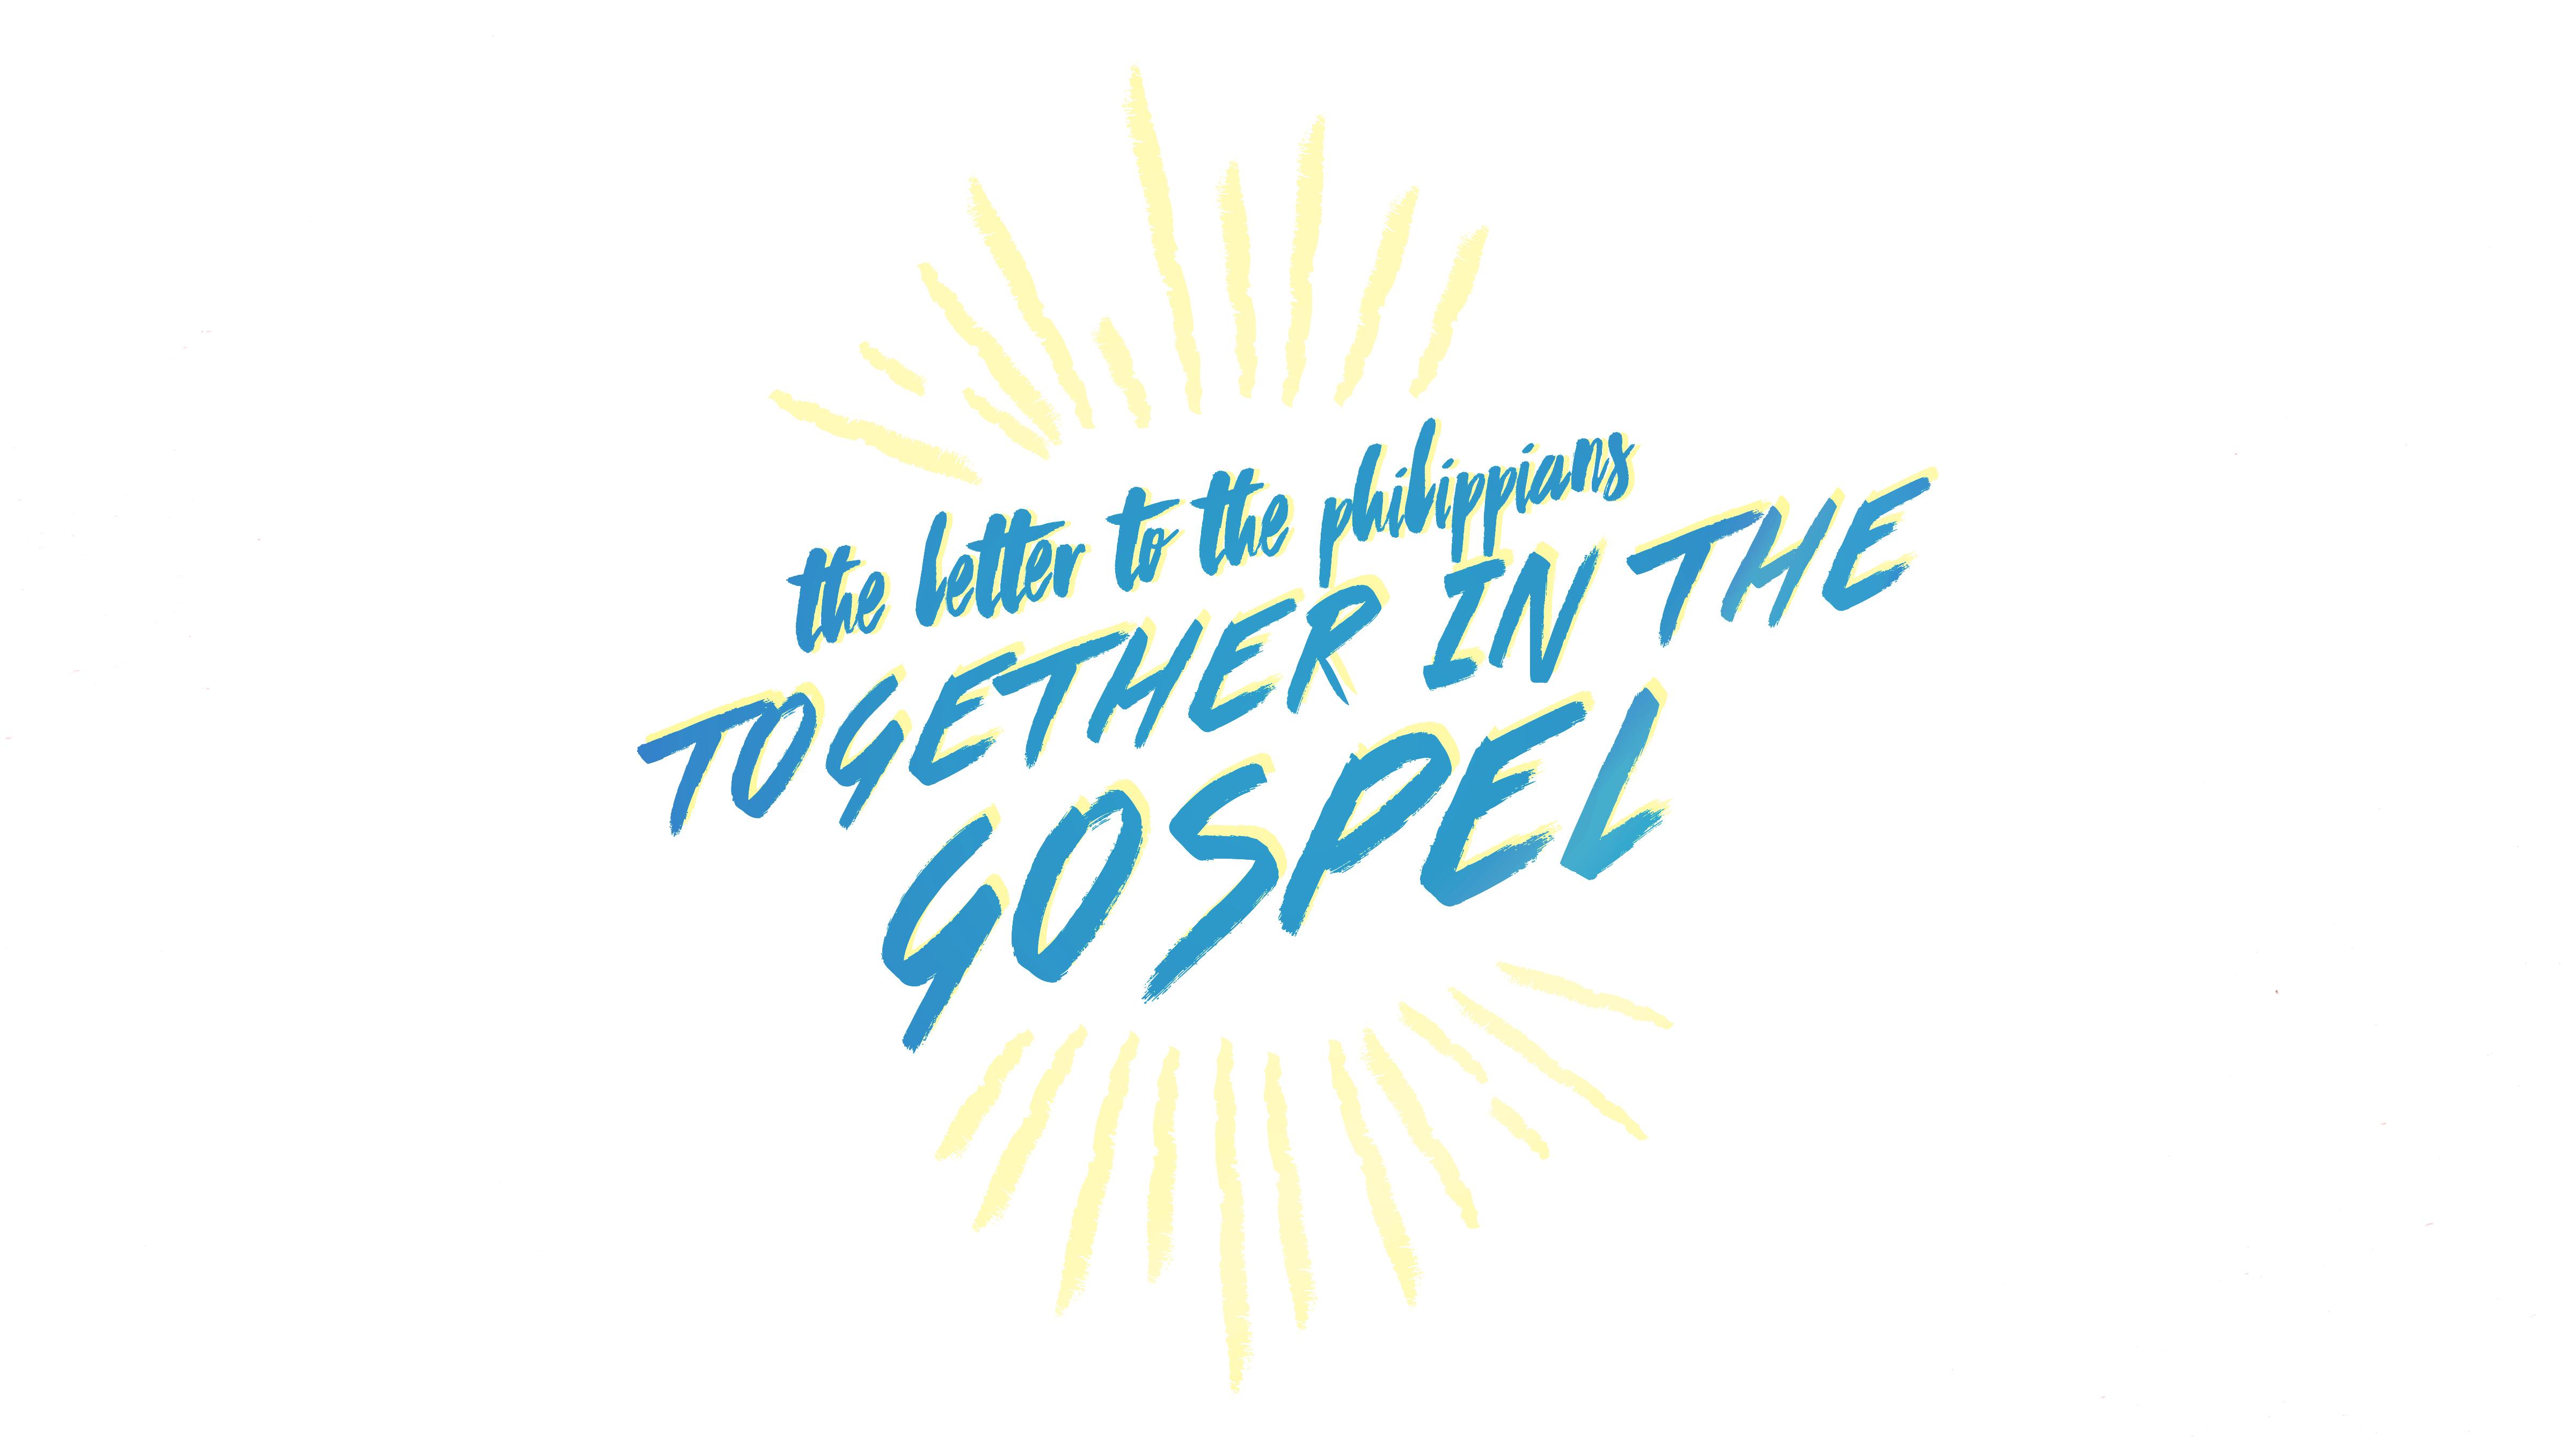 Philippians 3:17-21